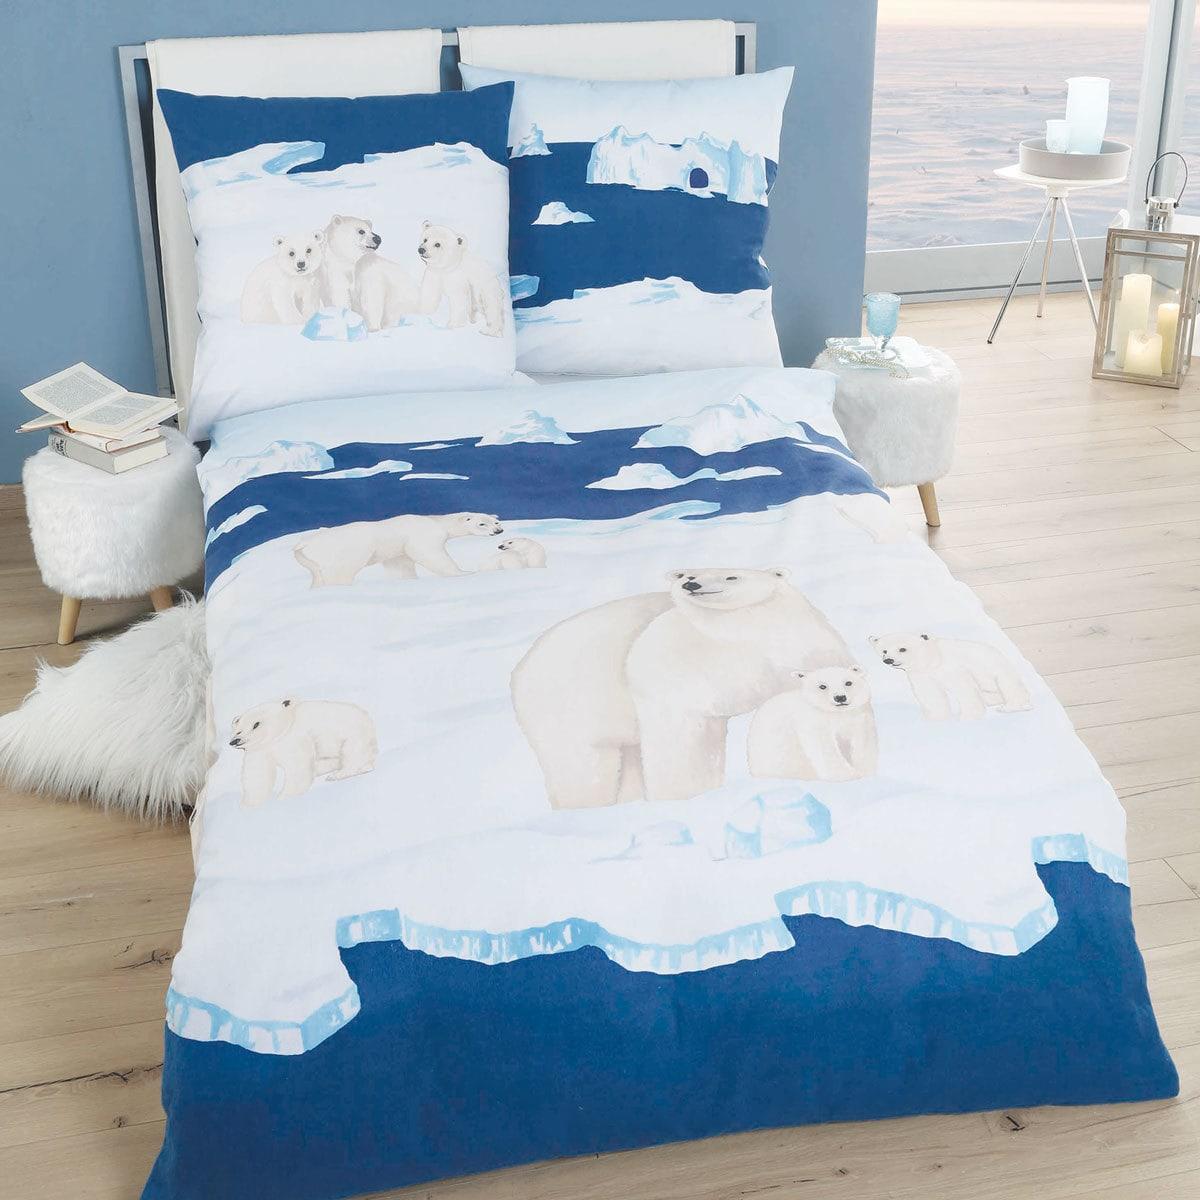 Traumschlaf Biber Bettwäsche Nordpol Eisbär